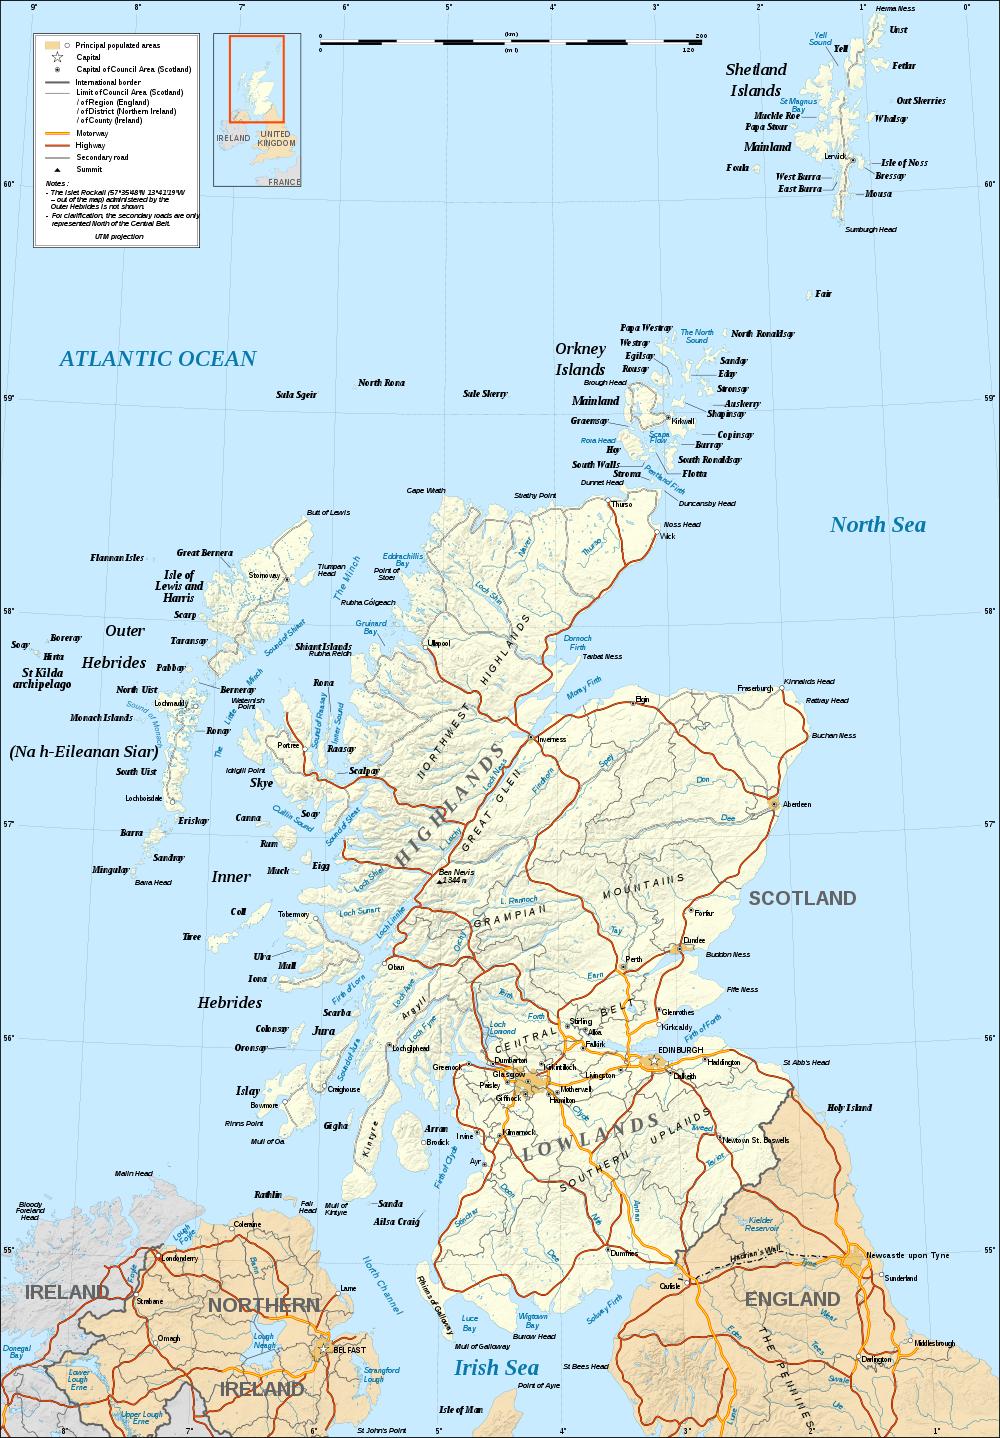 Flug Und Hotel Schottland